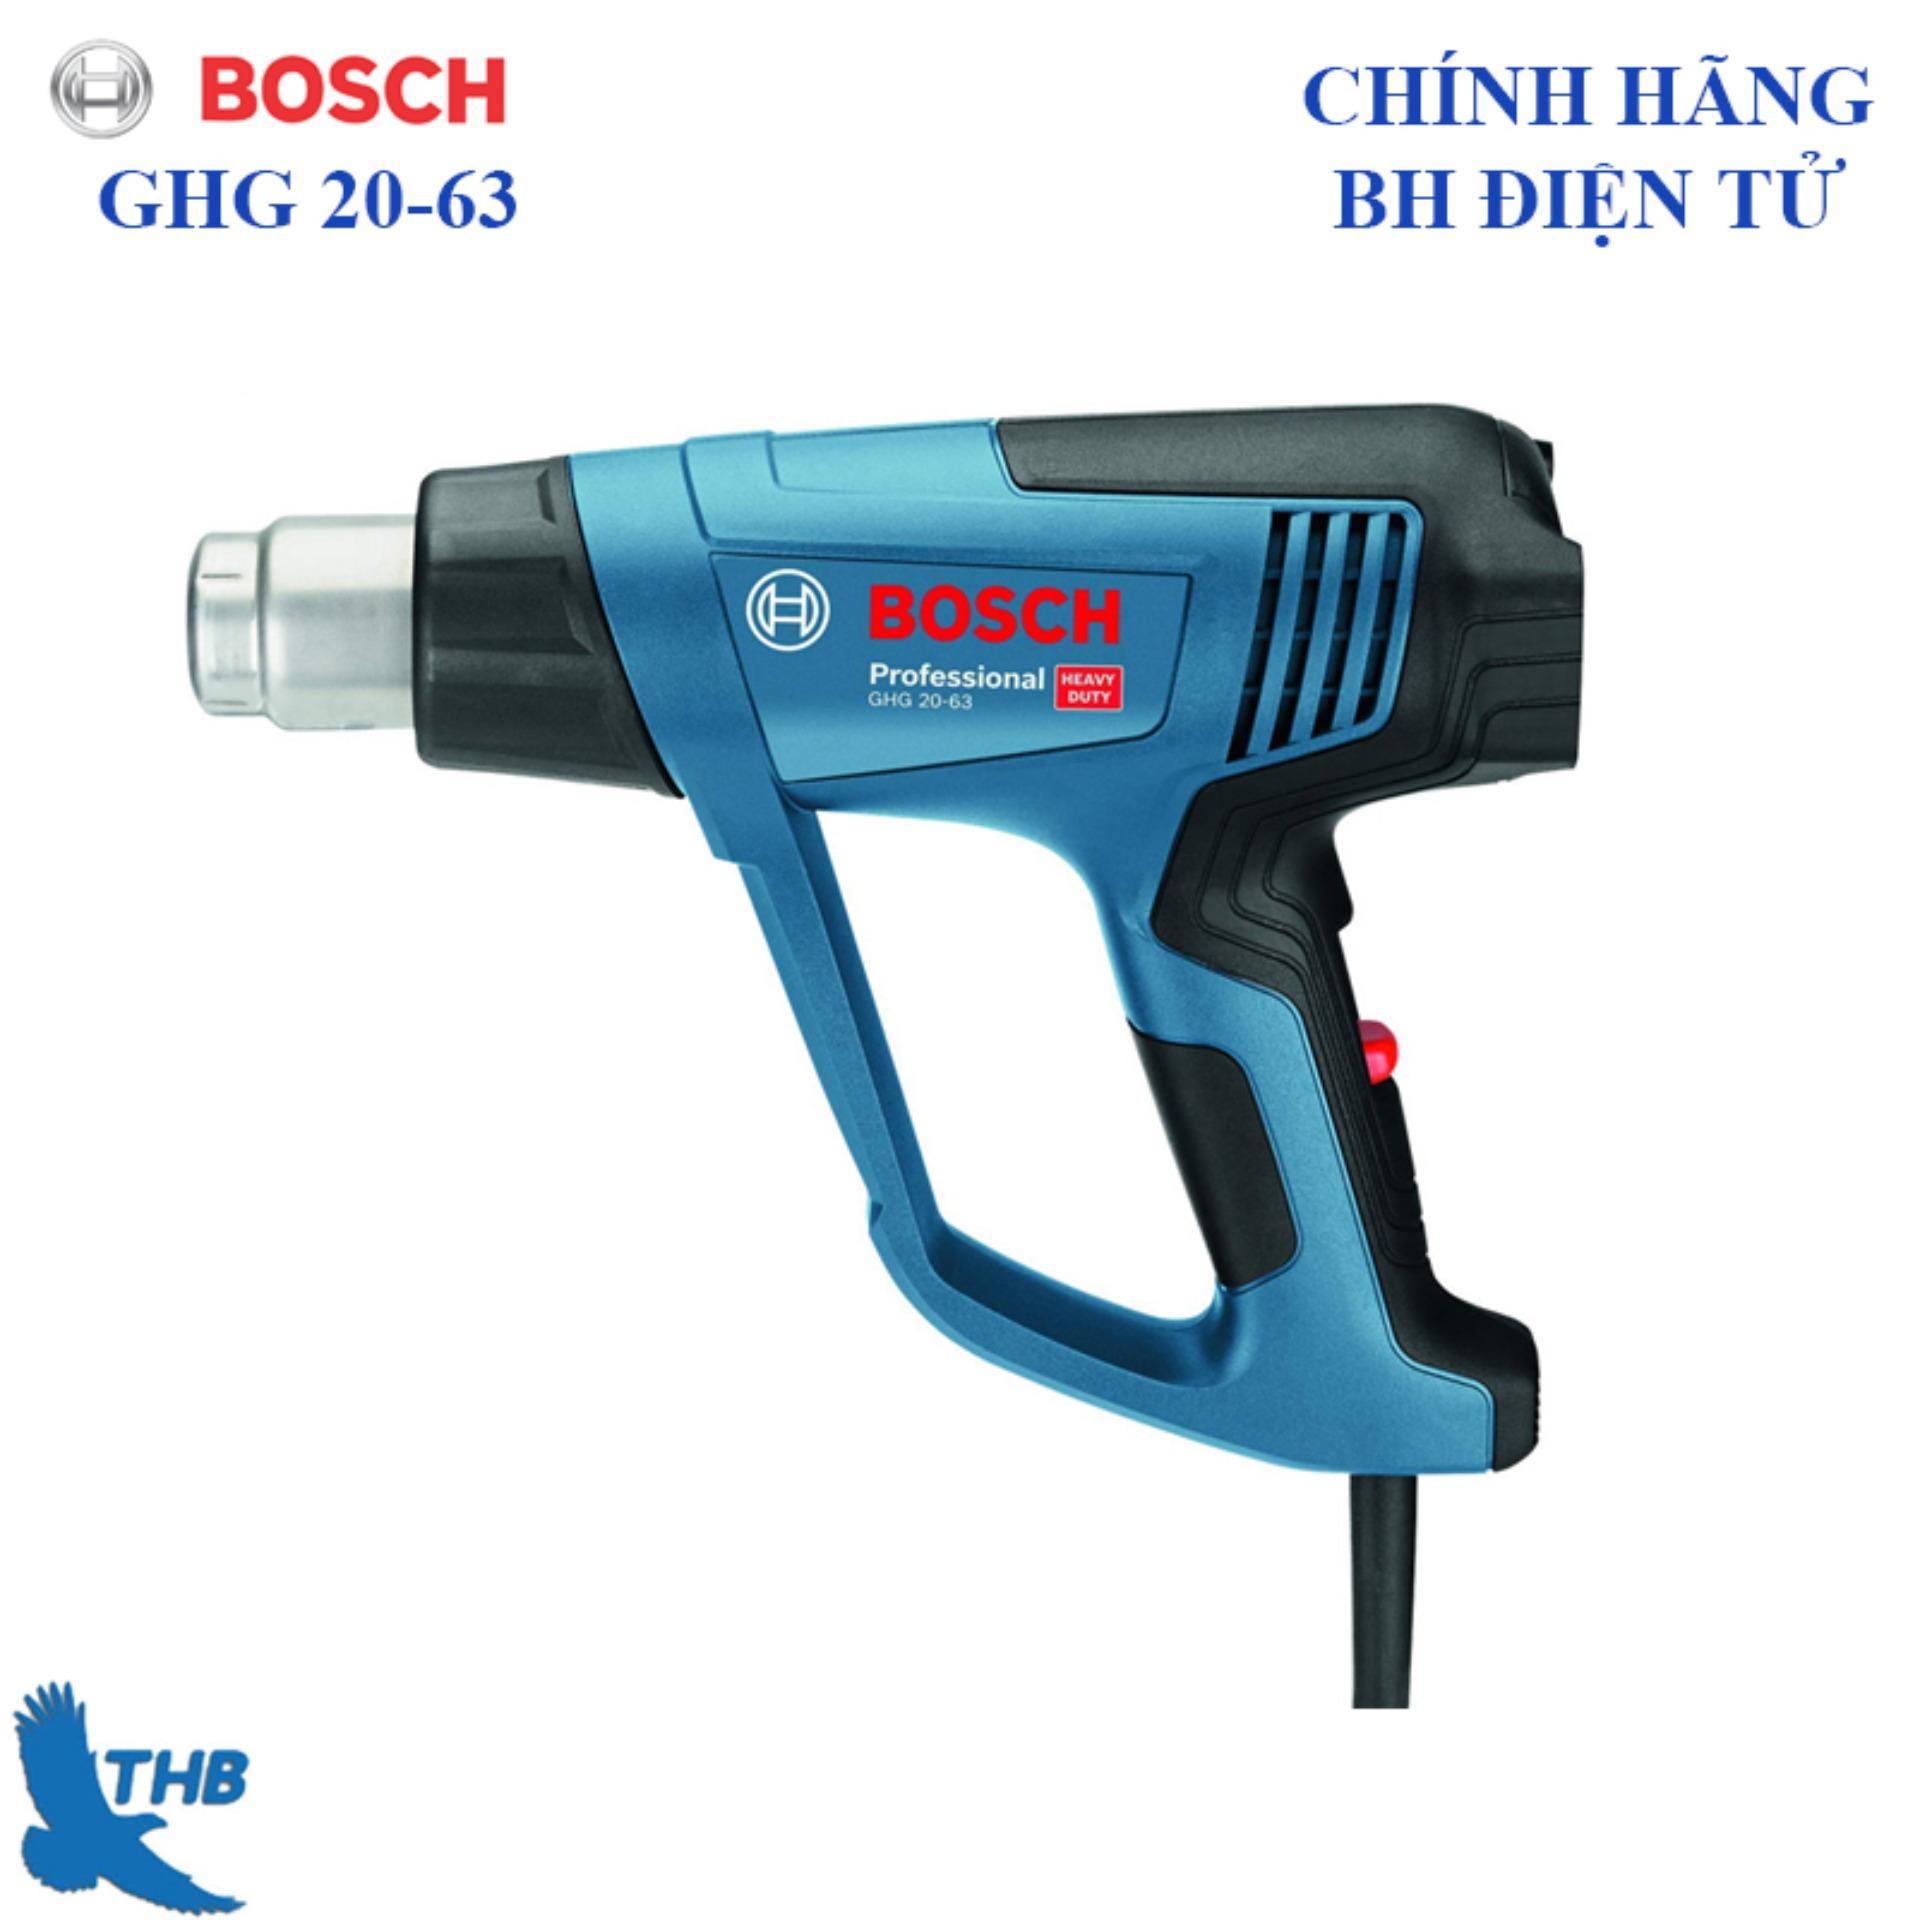 Máy thổi hơi nóng, máy khò nhiệt Bosch GHG 20-63